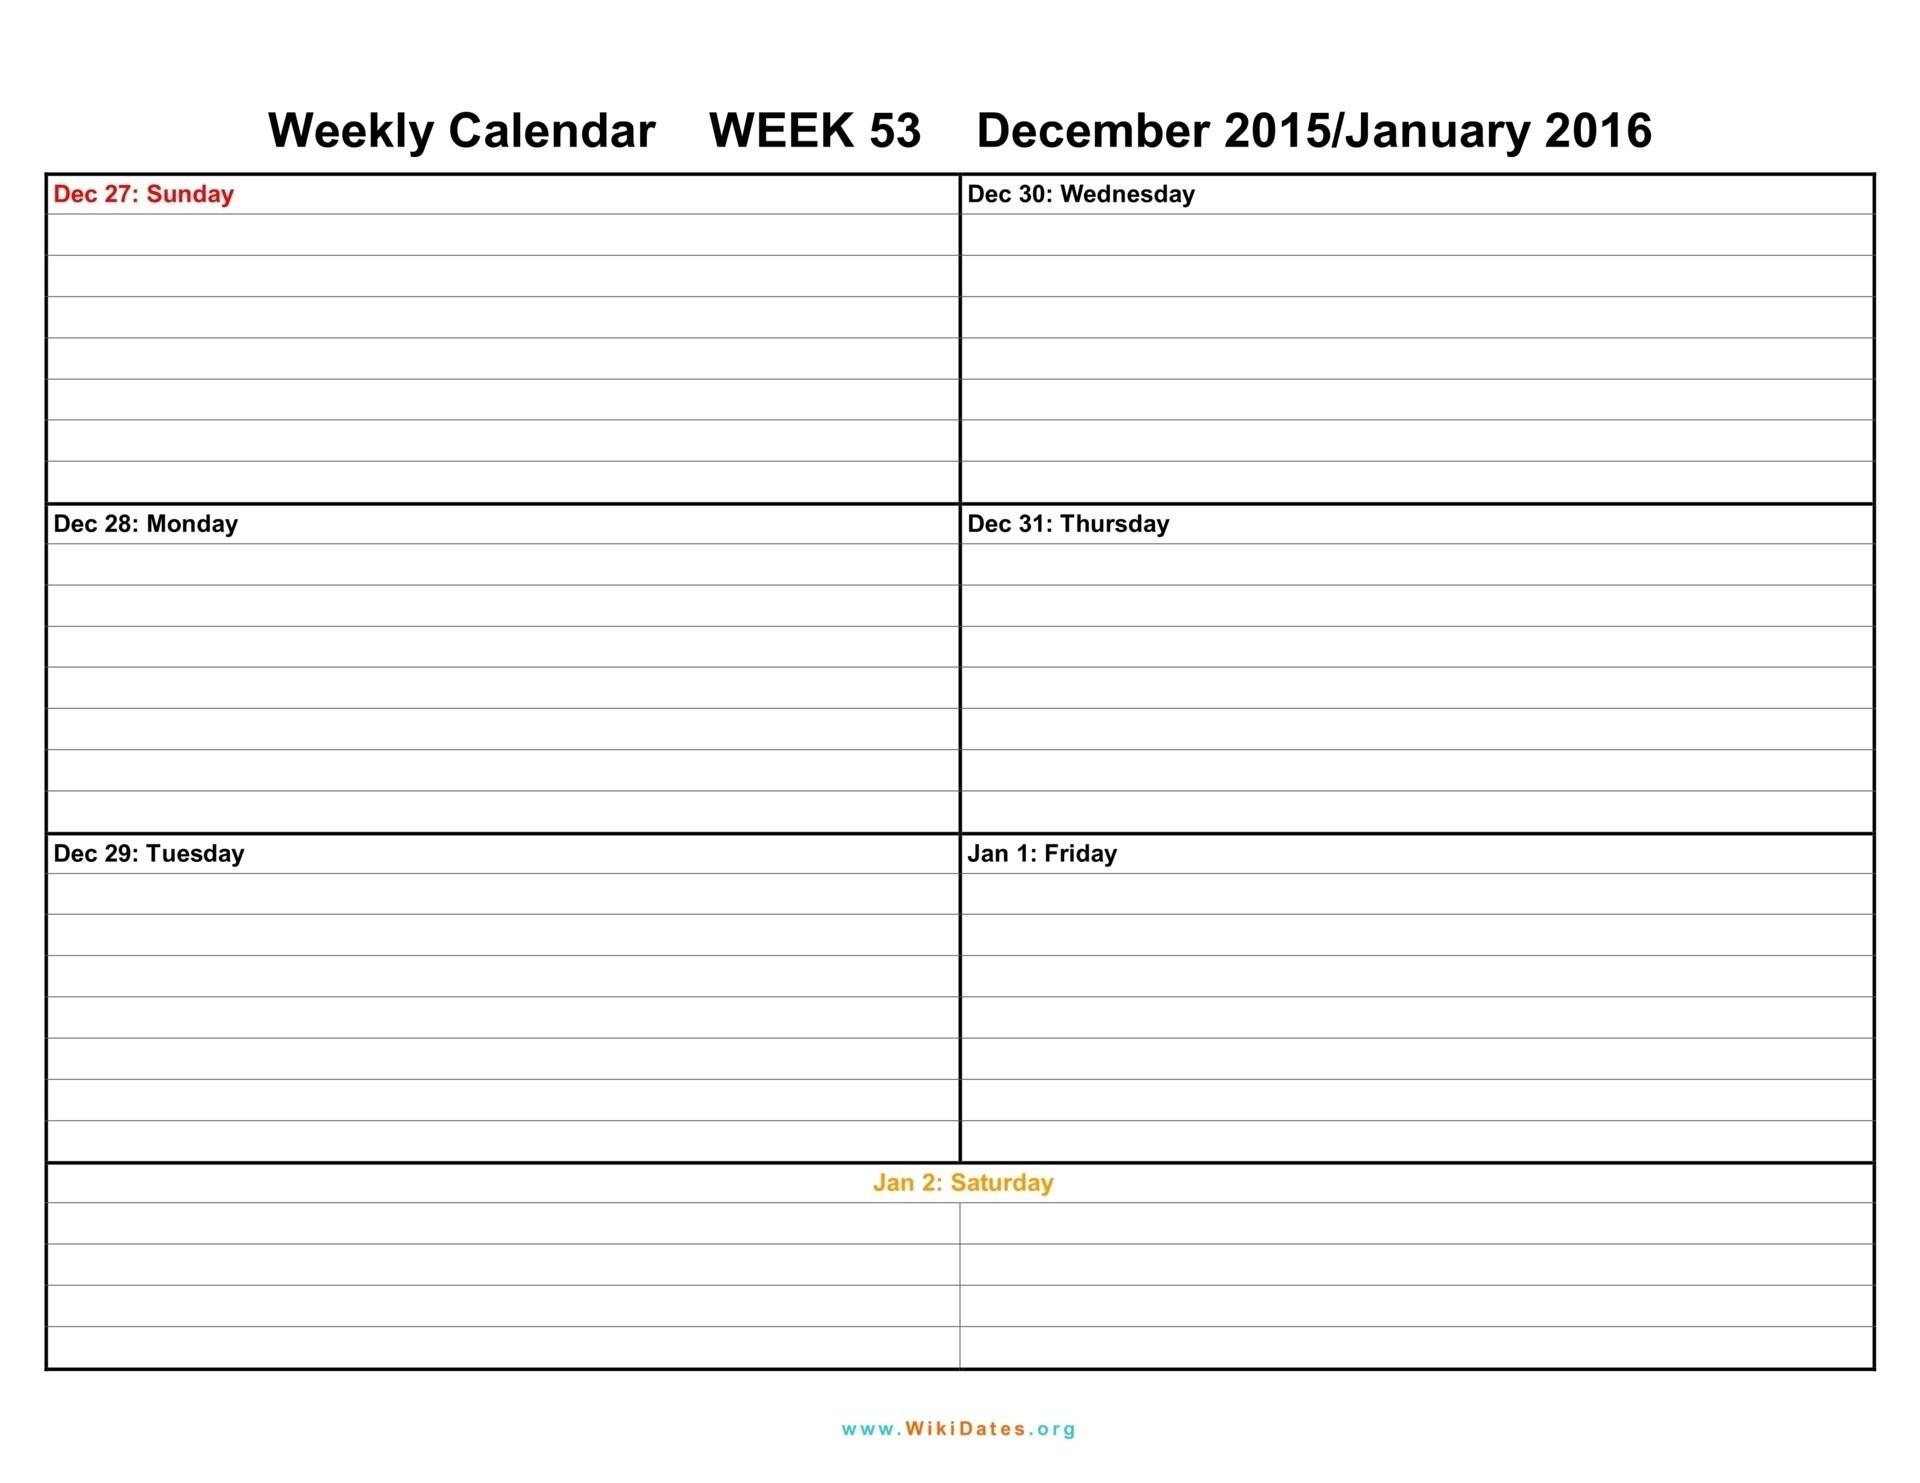 Printable Weekly Calendar Two Week Template Weeks Blank December for Blank Printable Weekly Calendar